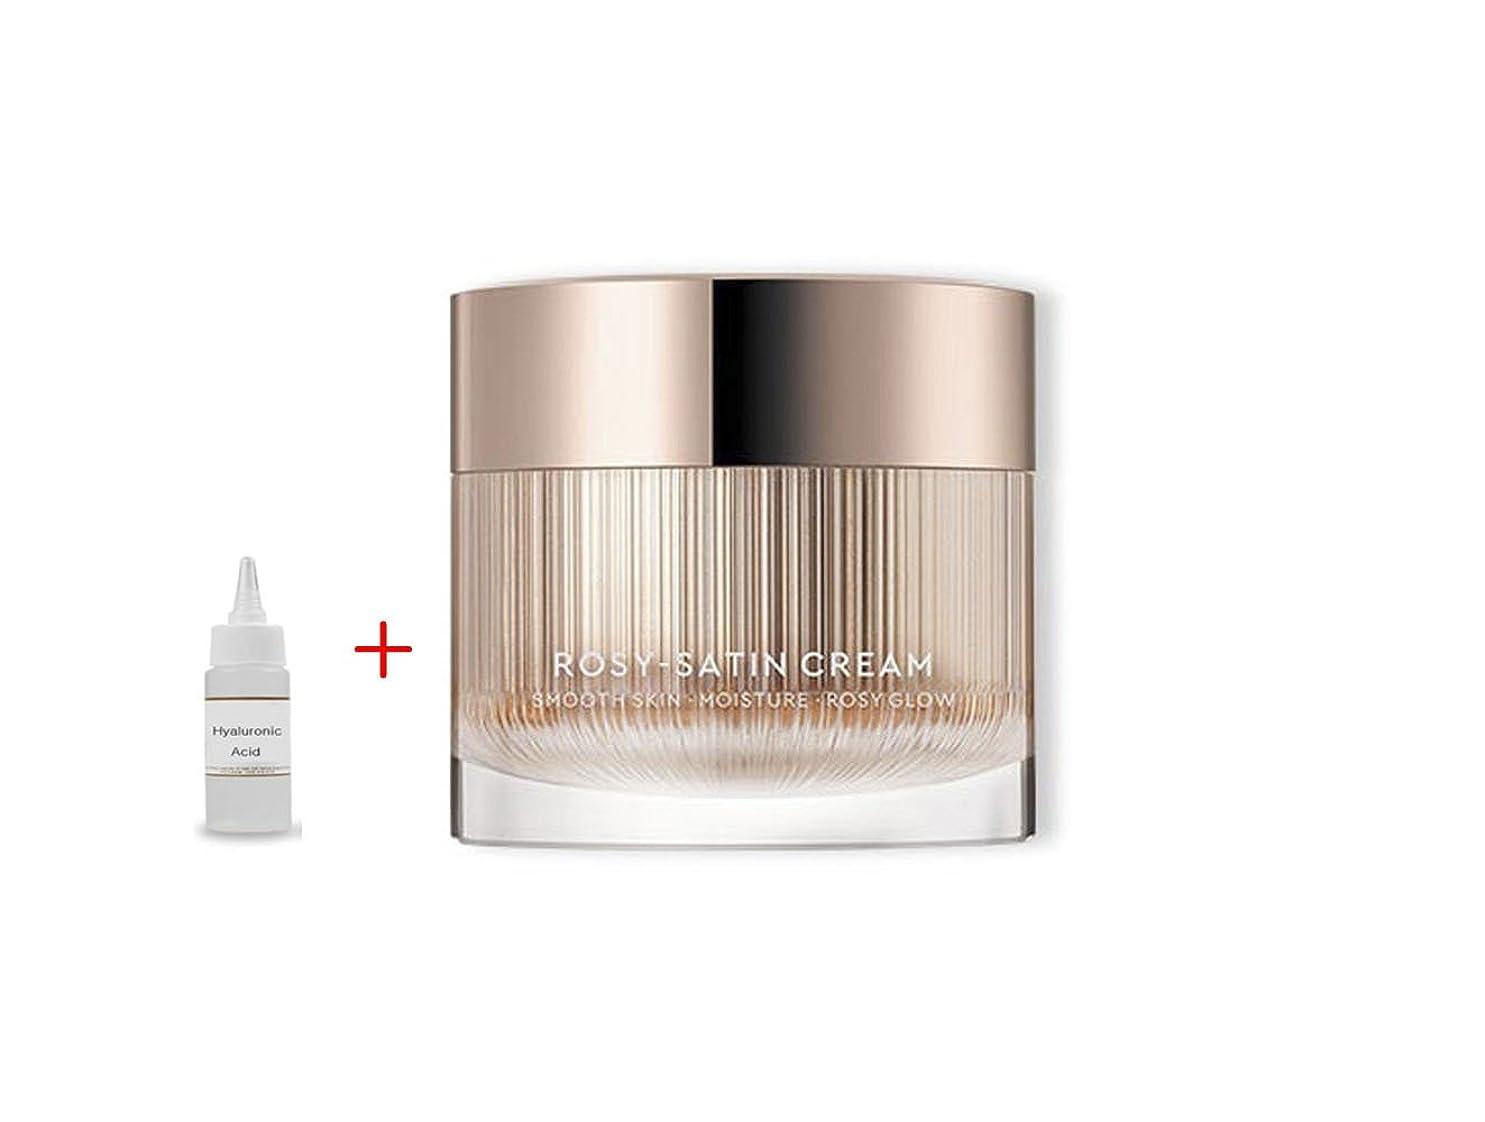 イデオロギーたらいデンマークHERA New Rosy Satin Cream 50ml:Smooth Skin Moisture Rosy Glow 滑らかな肌の保湿化粧水 + Ochloo Hyaluronic Acid 20ml [並行輸入品]